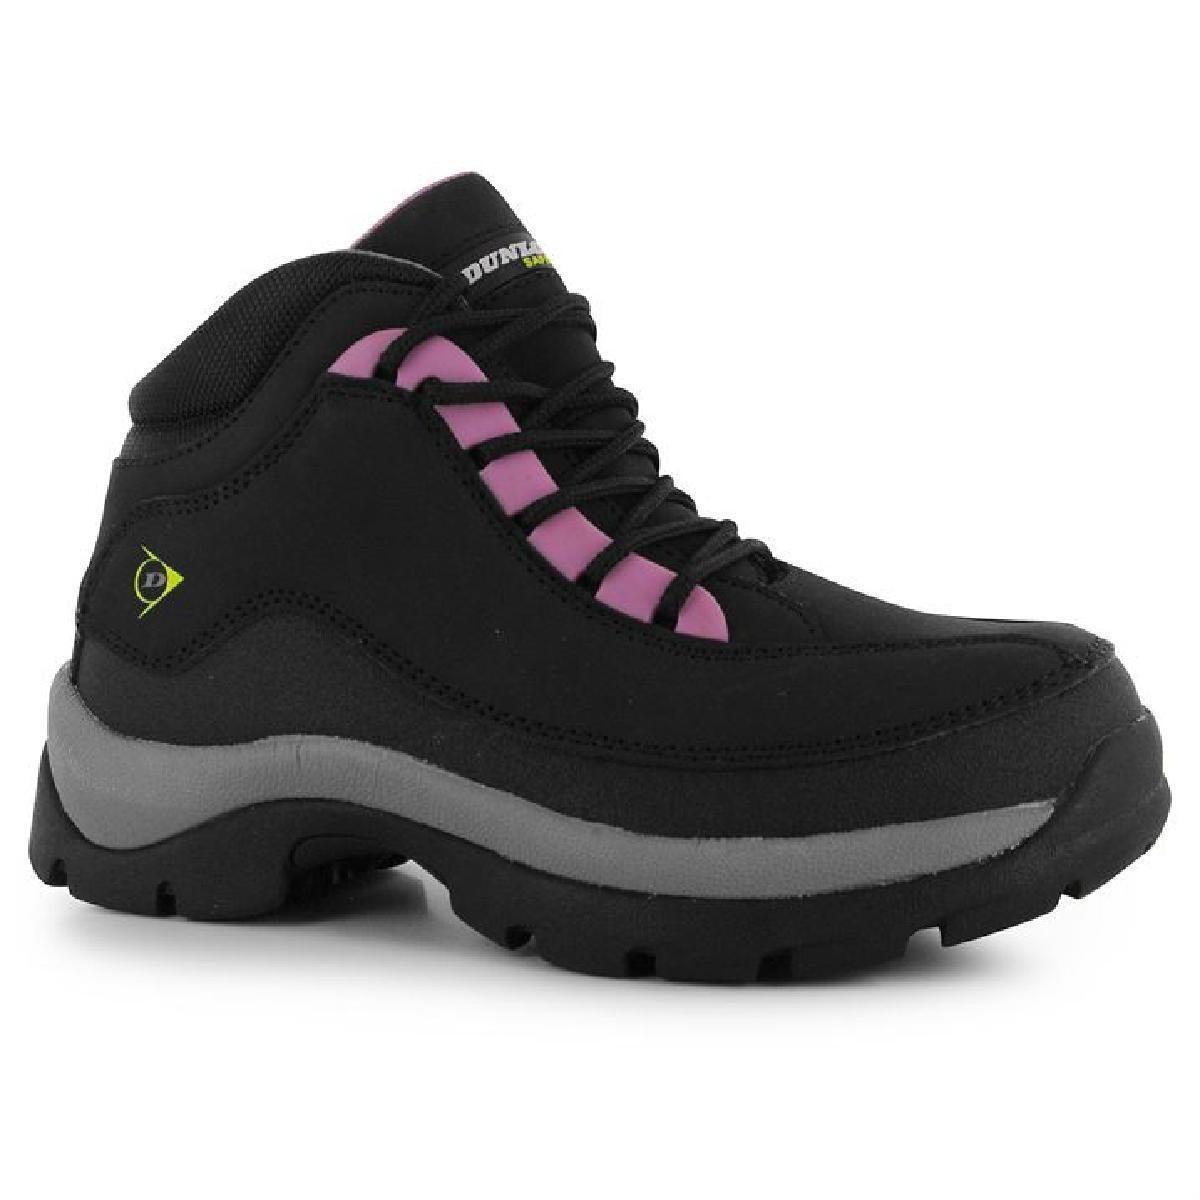 Dunlop Sicherheitsschuhe Sicherheitsstiefel Arbeitsschuhe Safety Schuhes Damen Hik